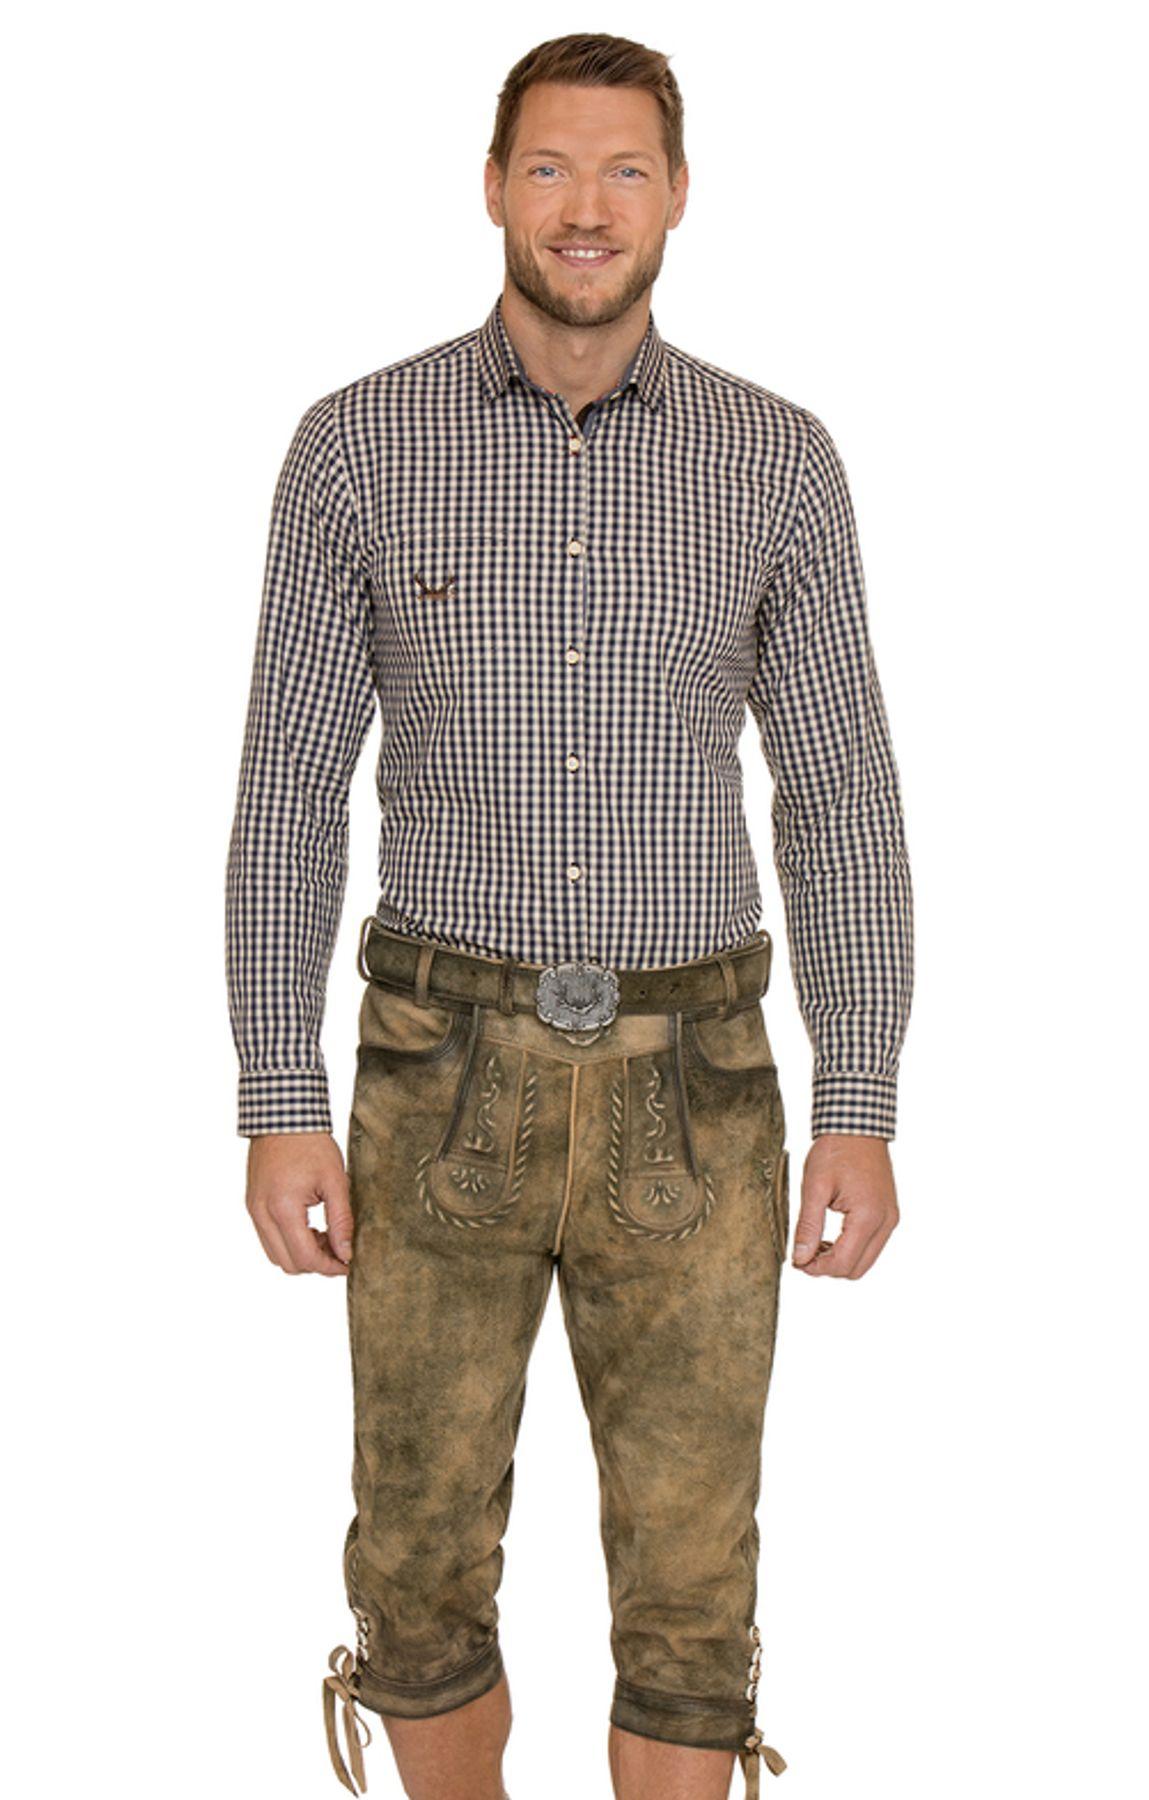 Stockerpoint - Herren Trachten Lederhose mit Gürtel in verschiedenen Farben, Johann – Bild 8